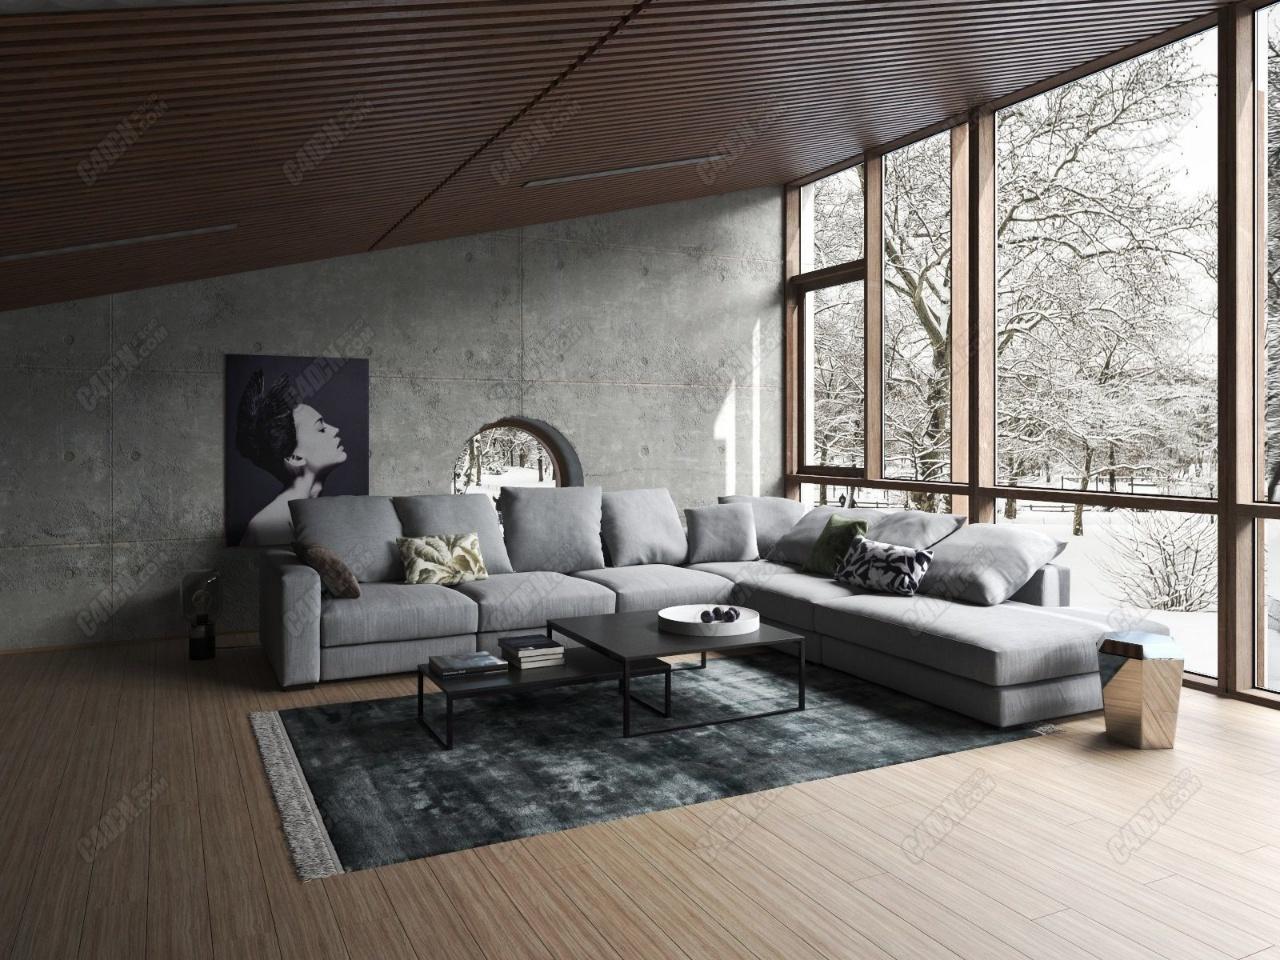 精品C4D室内工程模型-北欧别墅大客厅室内设计沙发茶几餐厅效果图场景下载